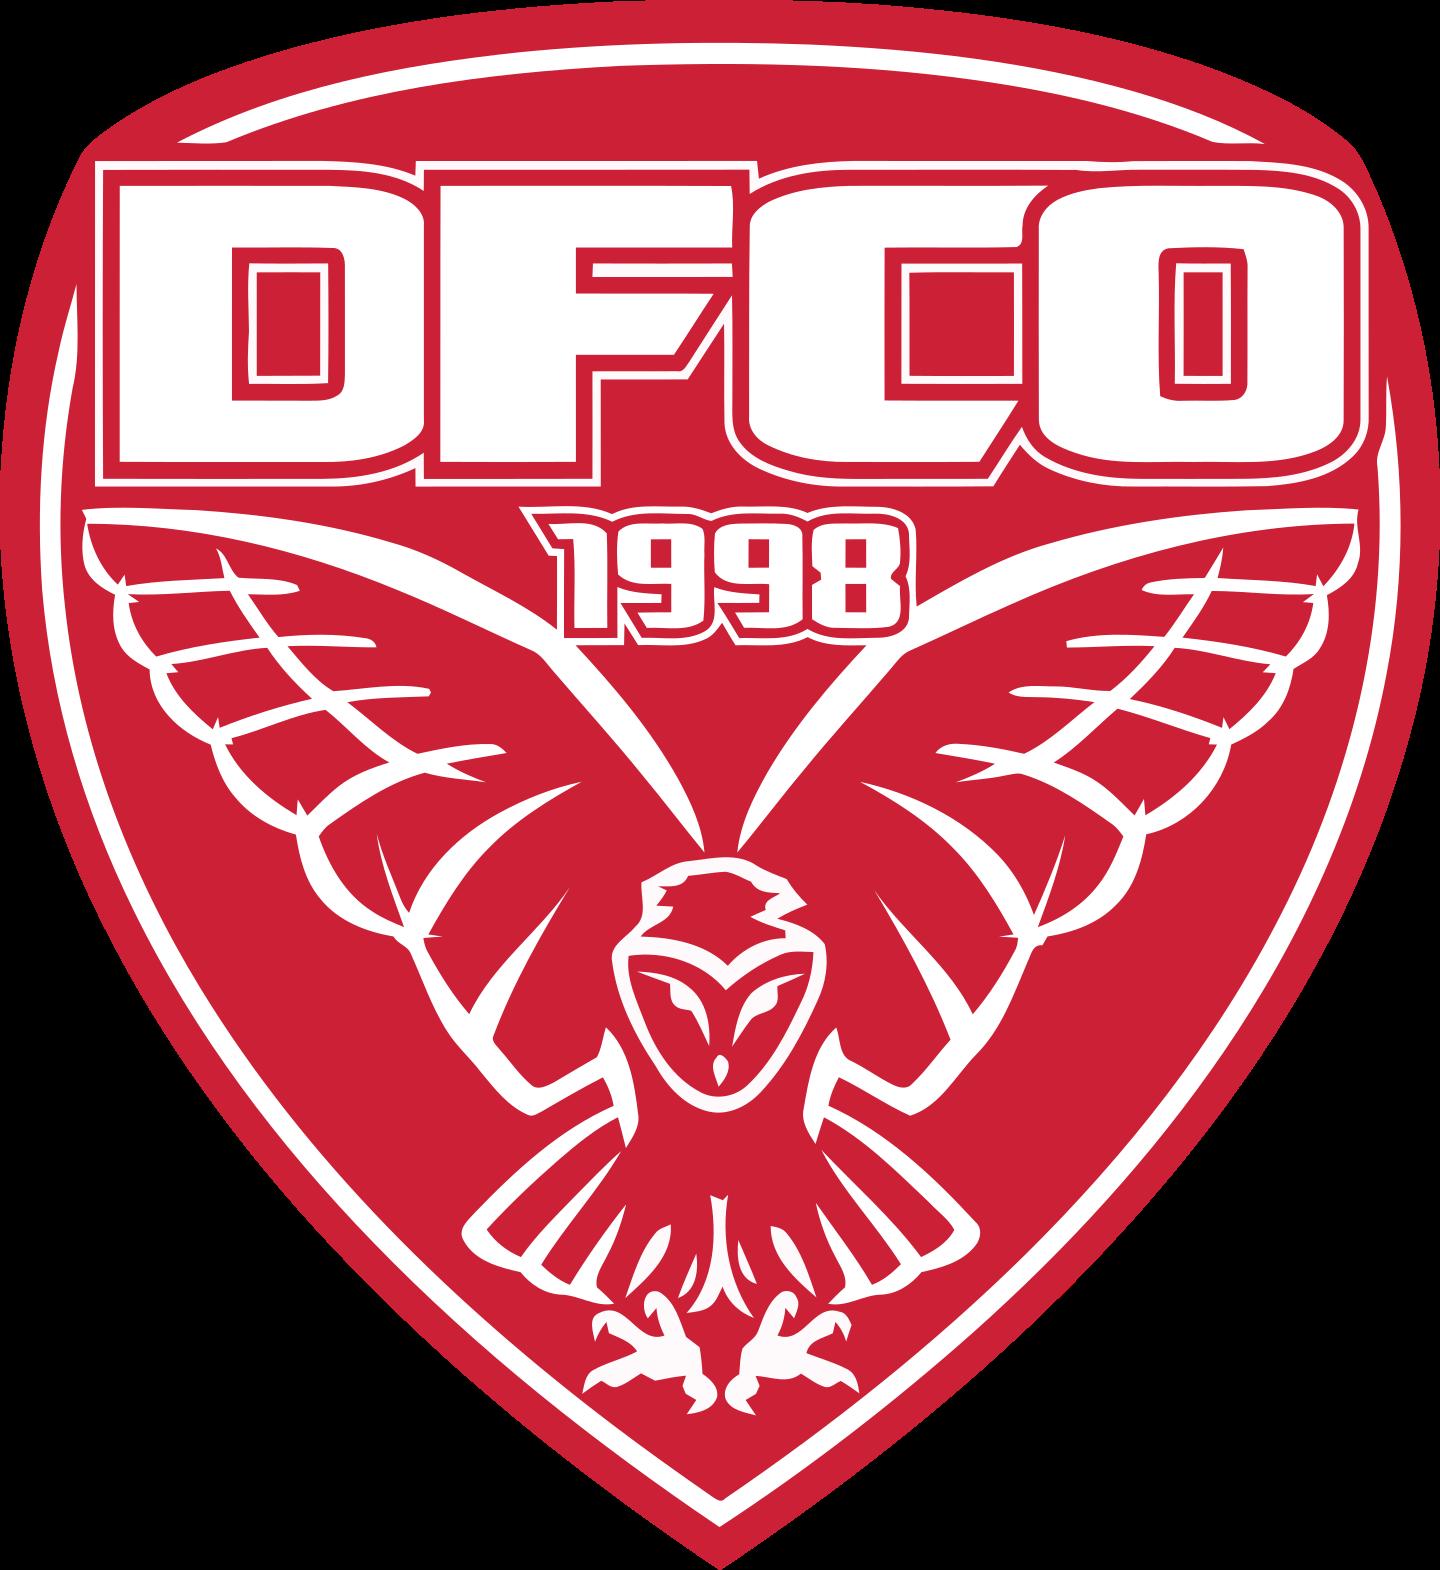 dijon fco logo 2 - Dijon FCO Logo